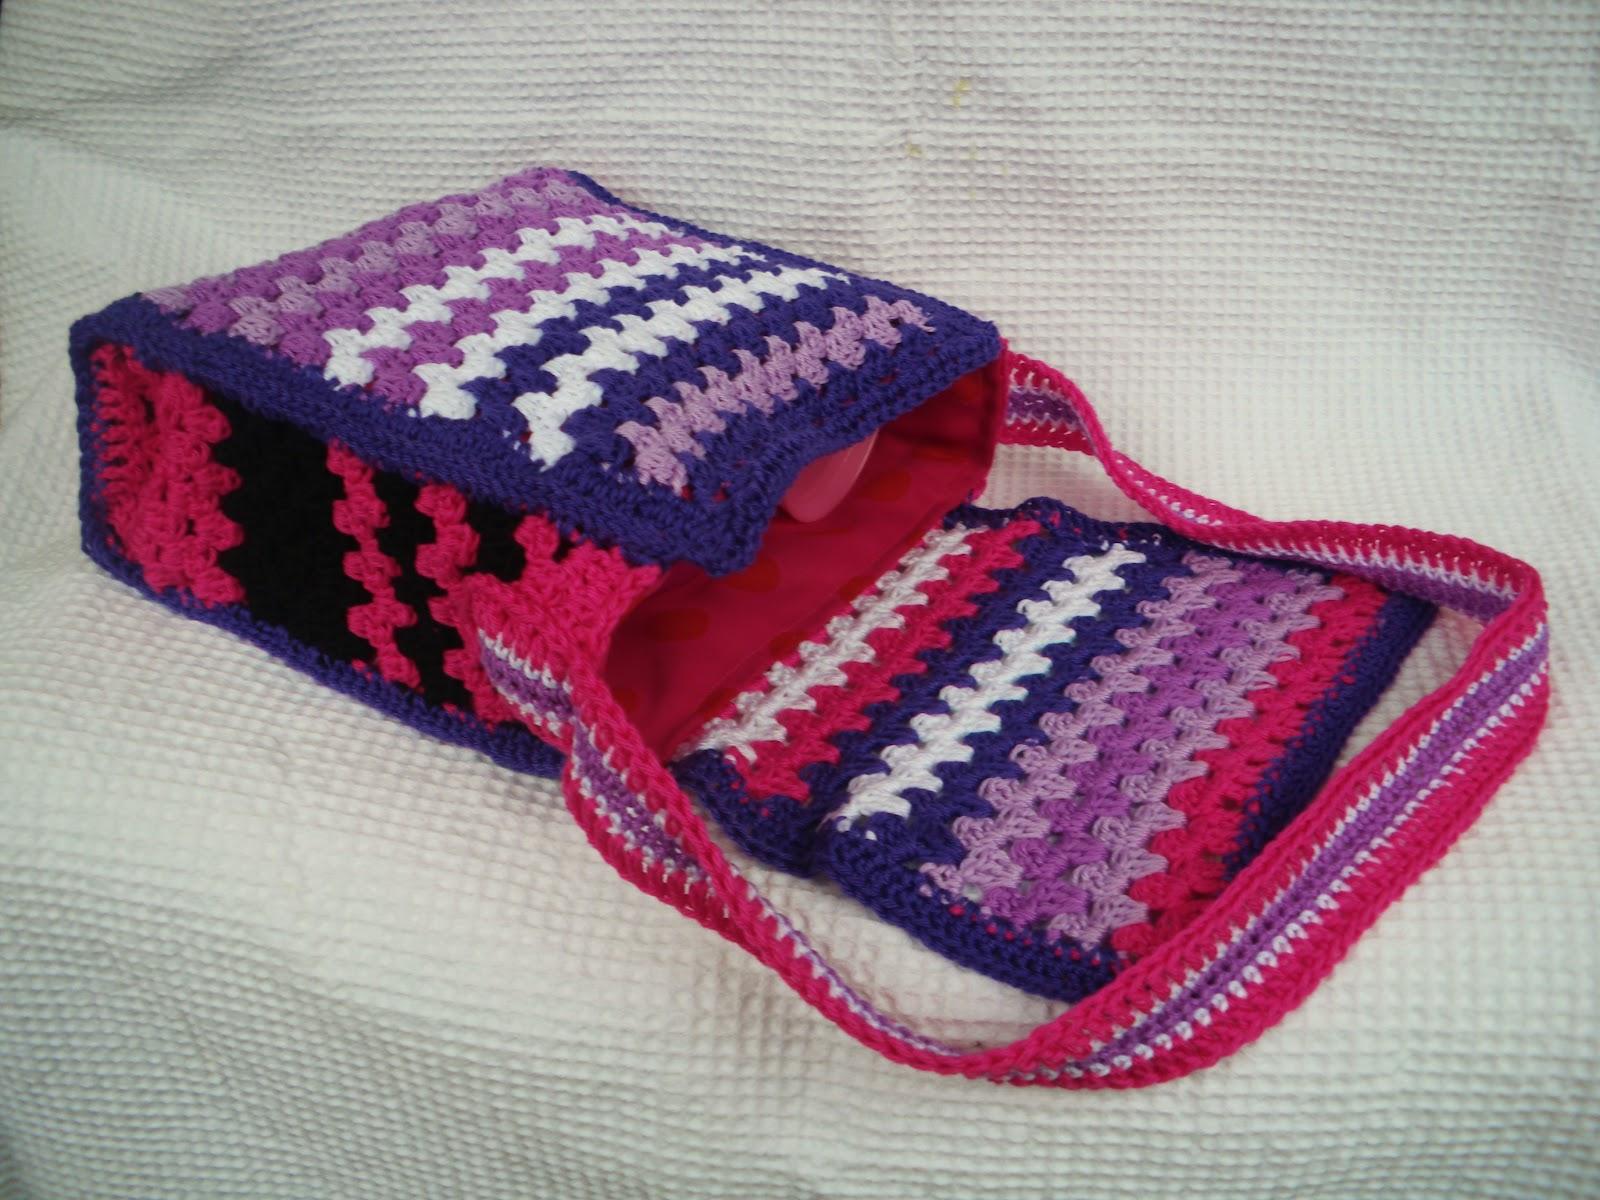 http://demerle.blogspot.nl/2012/03/gehaakt-tasje-nr3.html